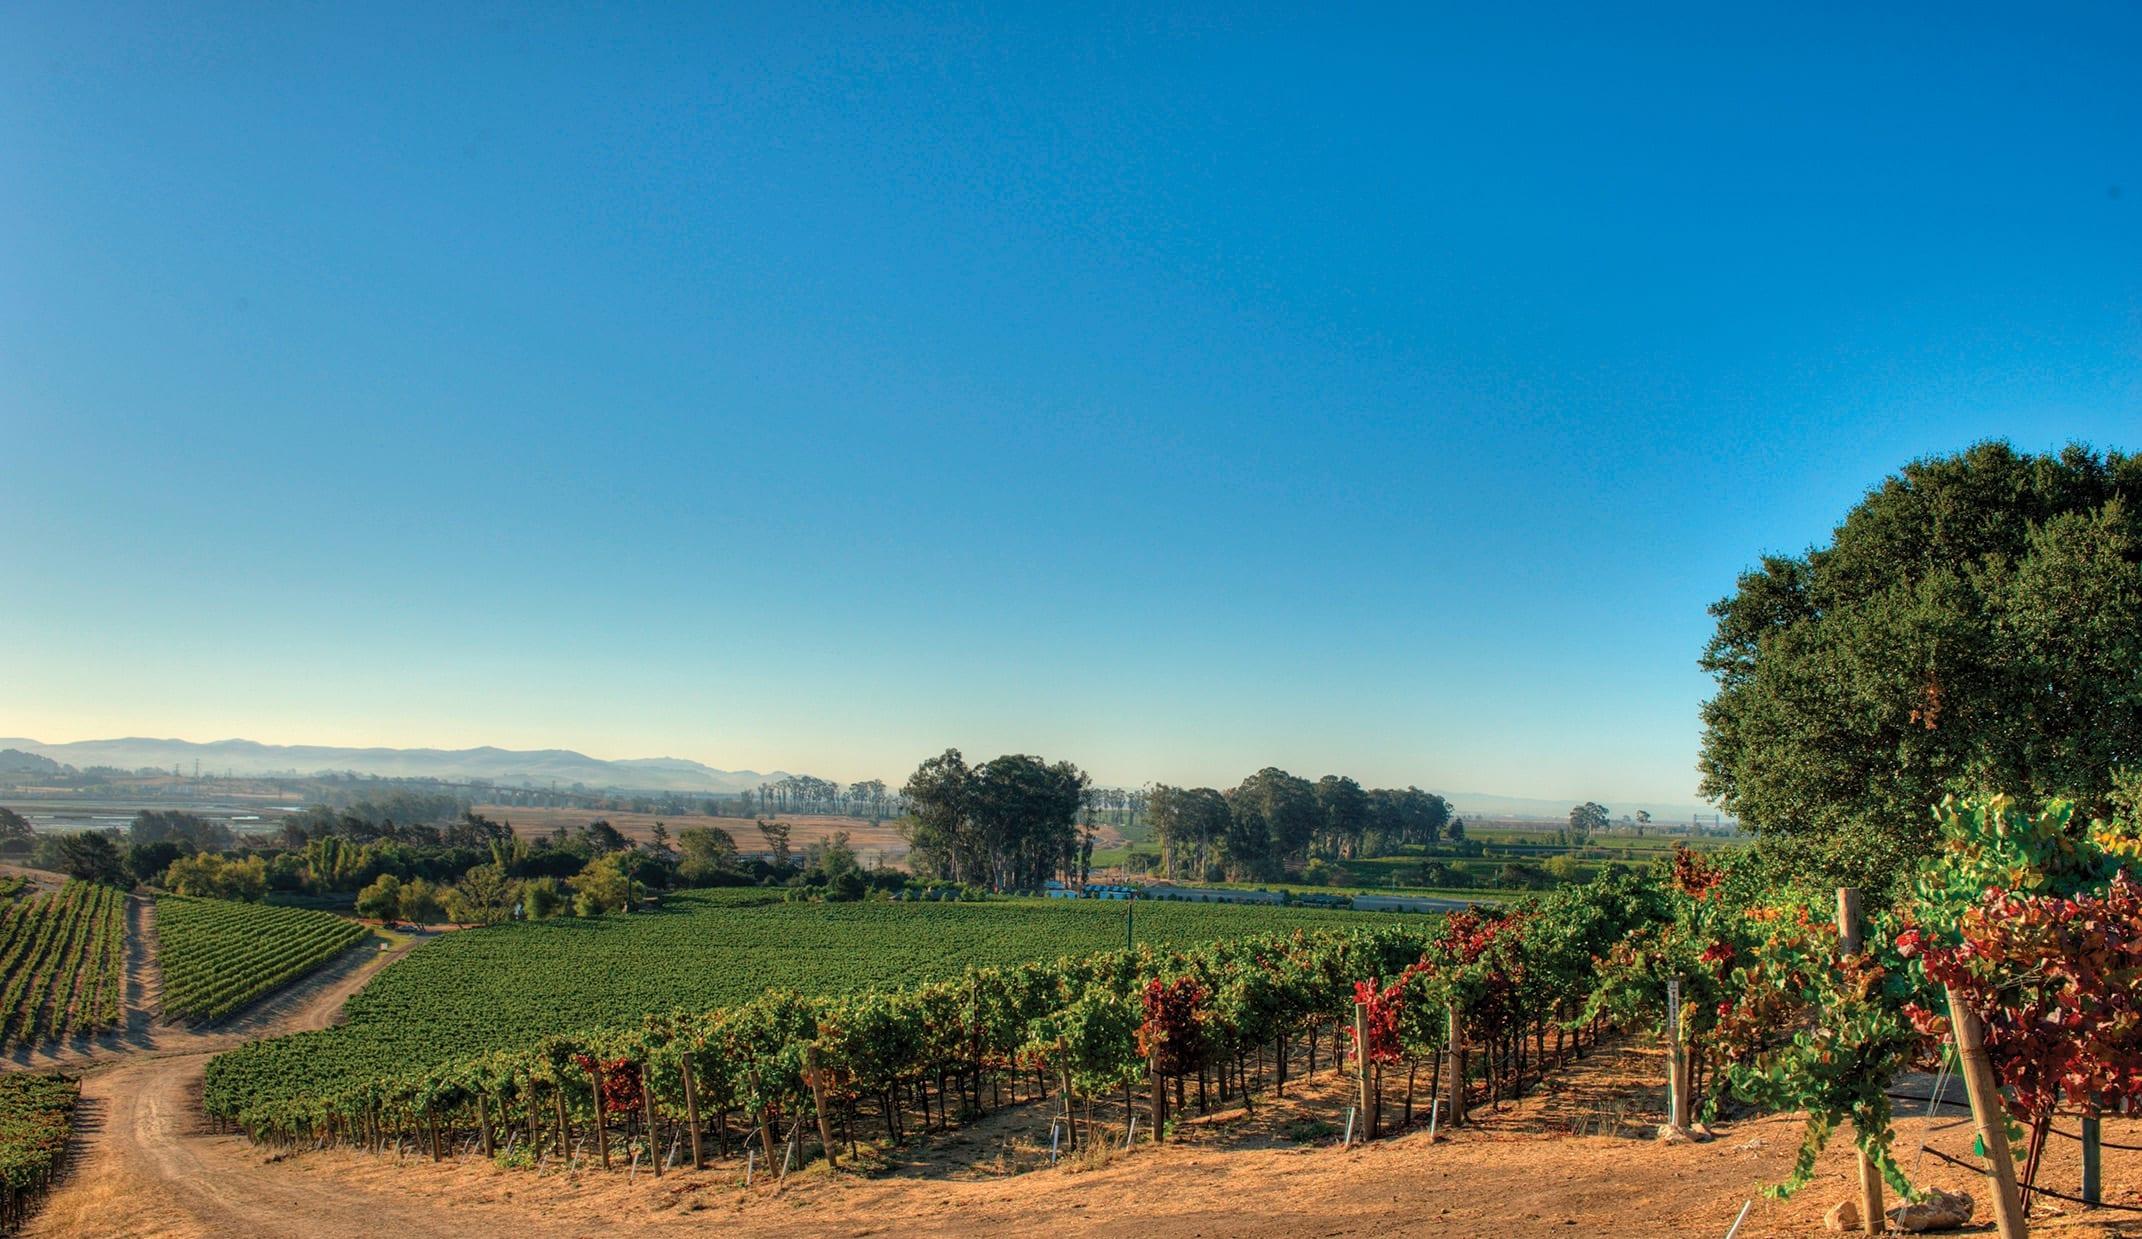 Napa valley, Cakebread vineyards